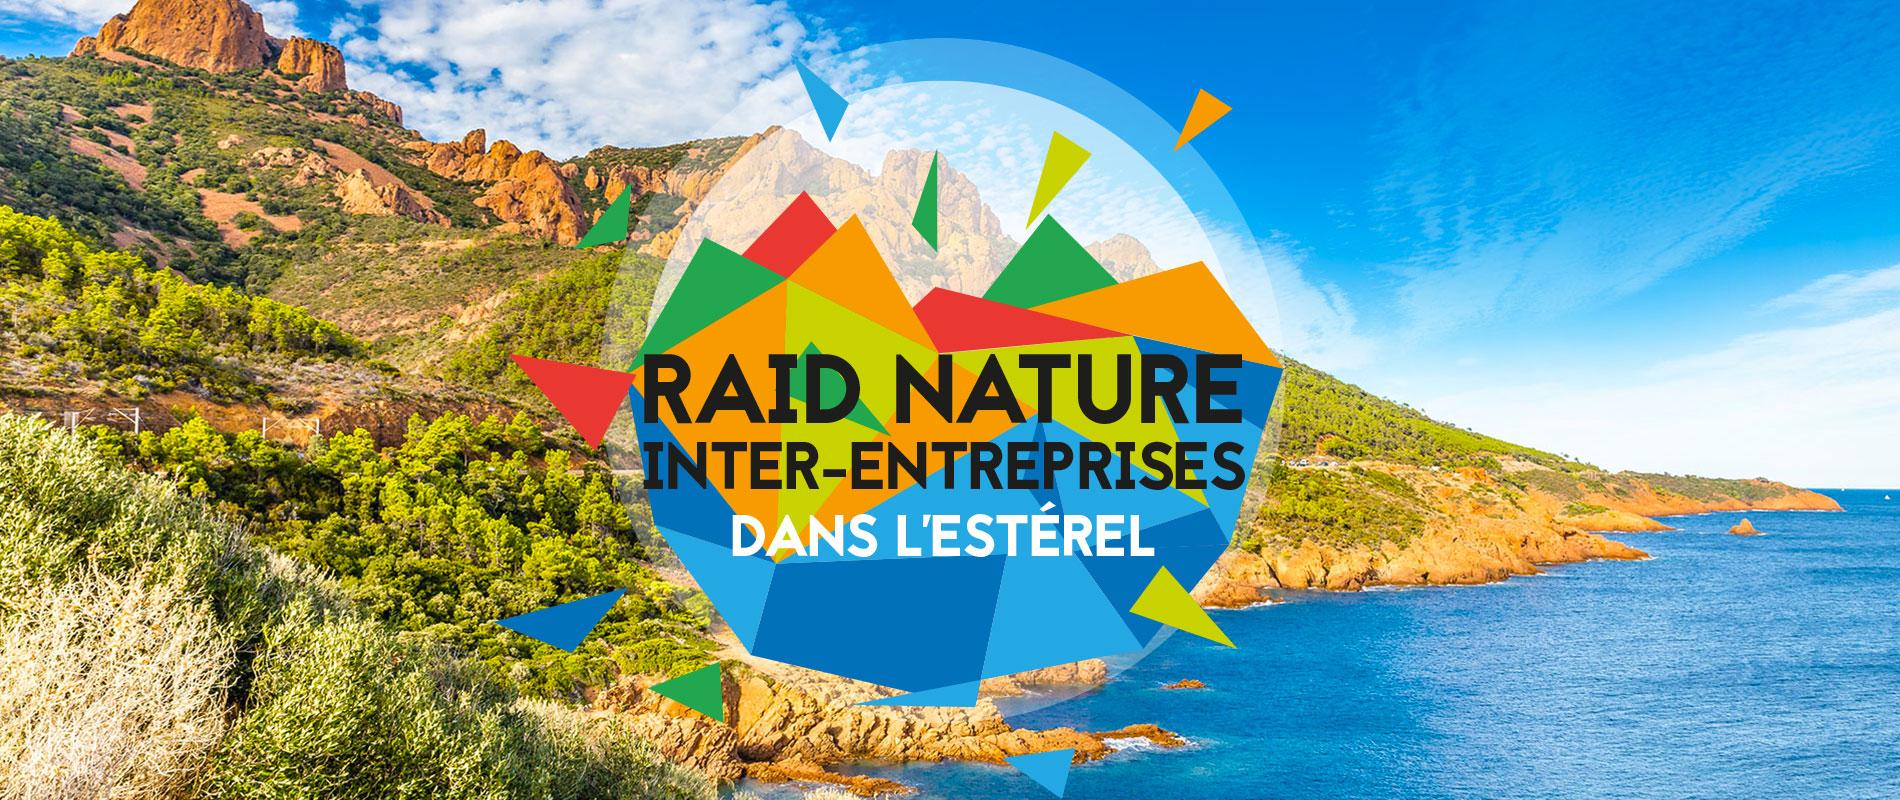 Estérel Côte d'Azur, partenaire du Raid Estéo